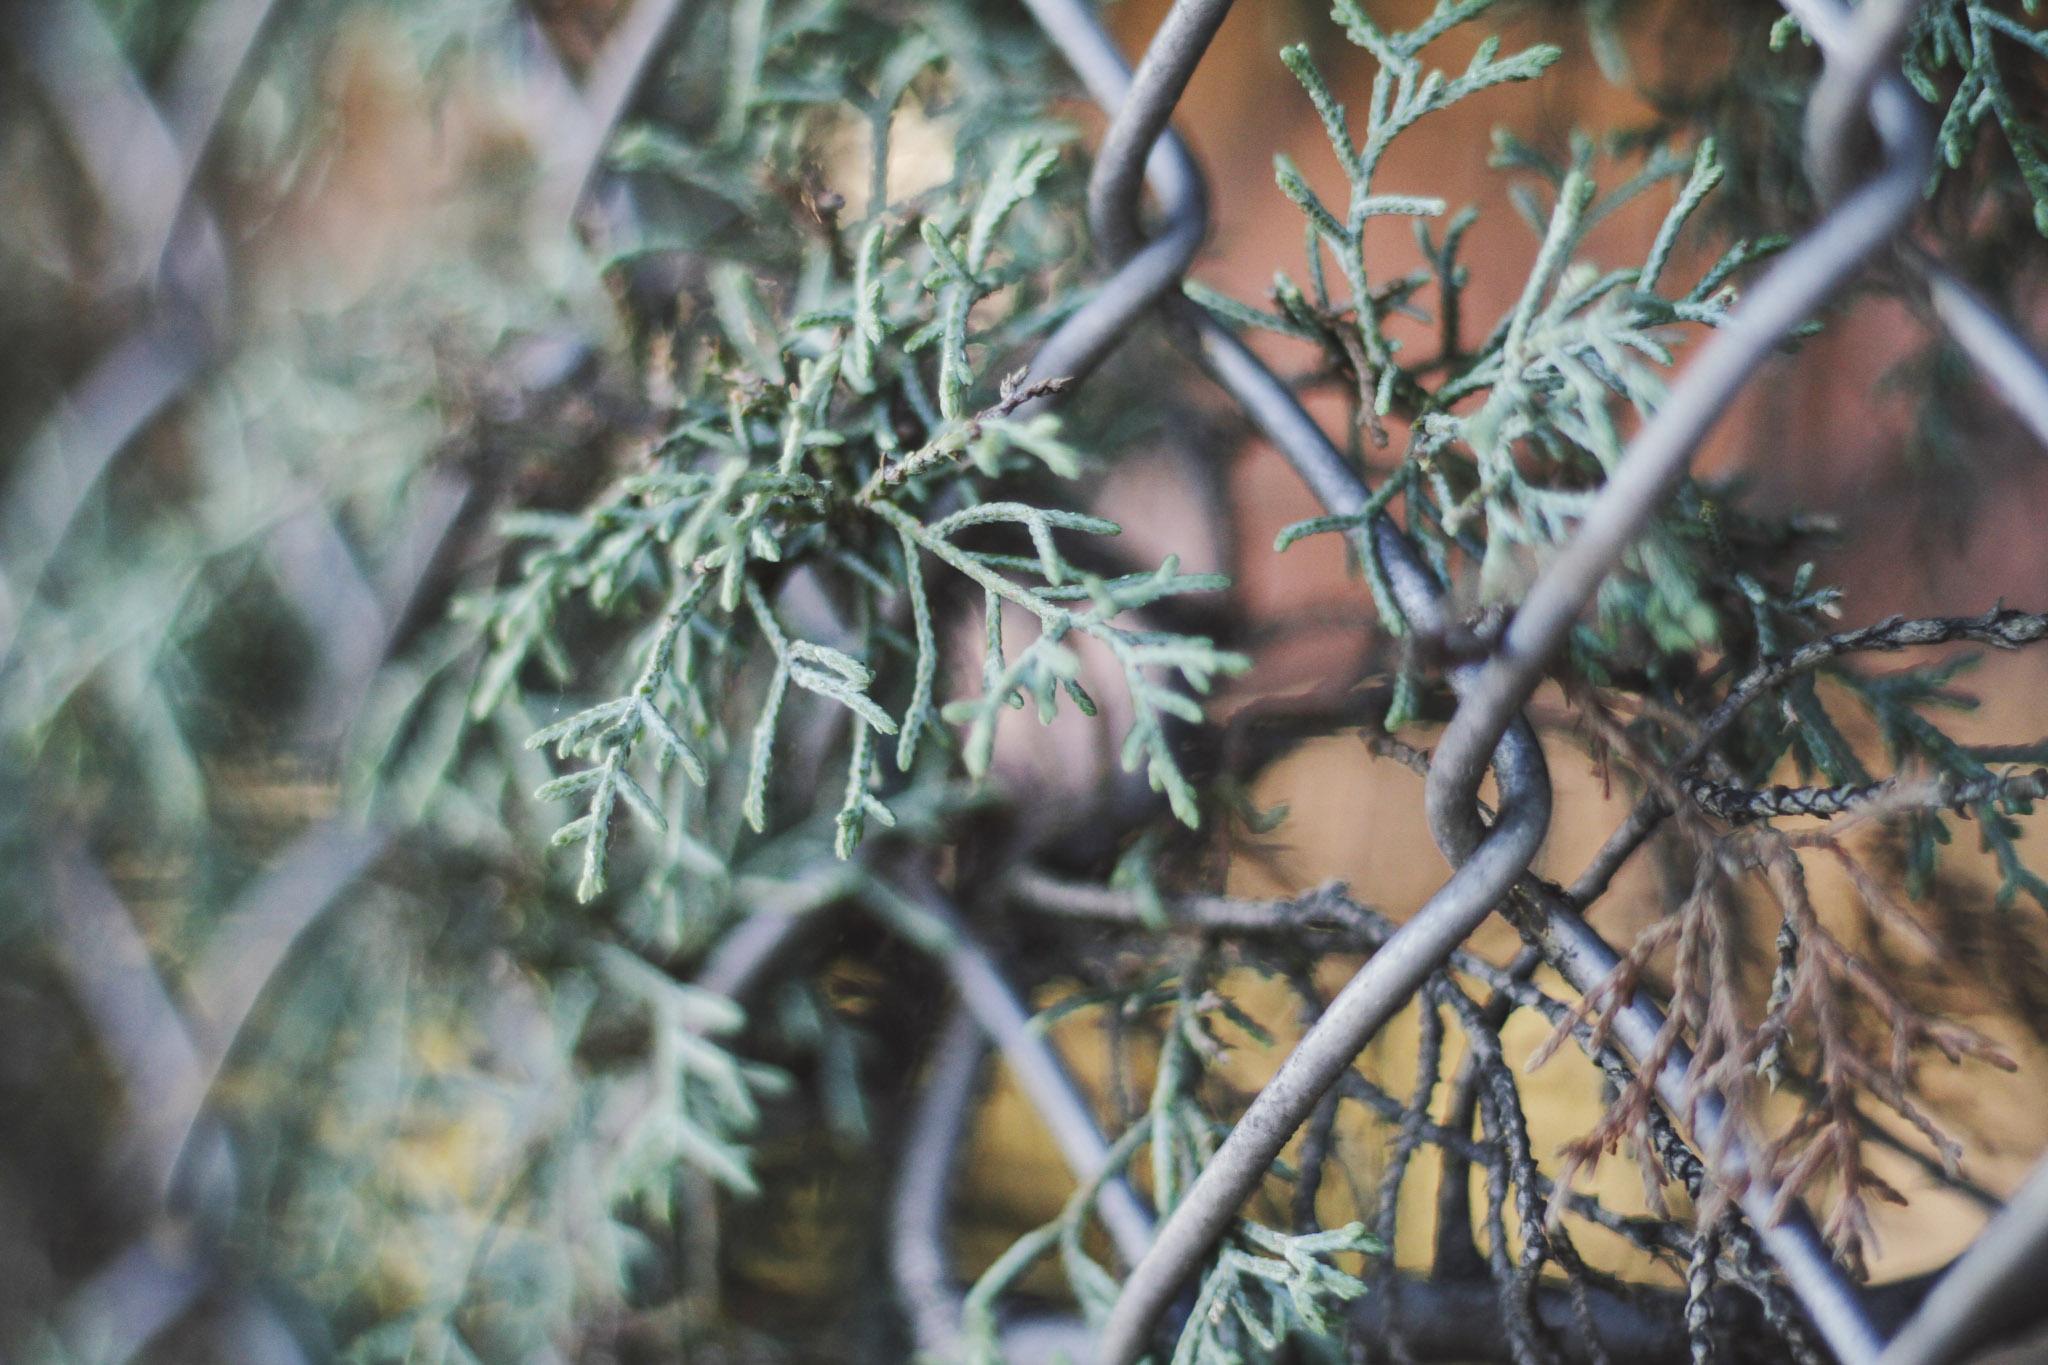 march30th_083 edit.jpg